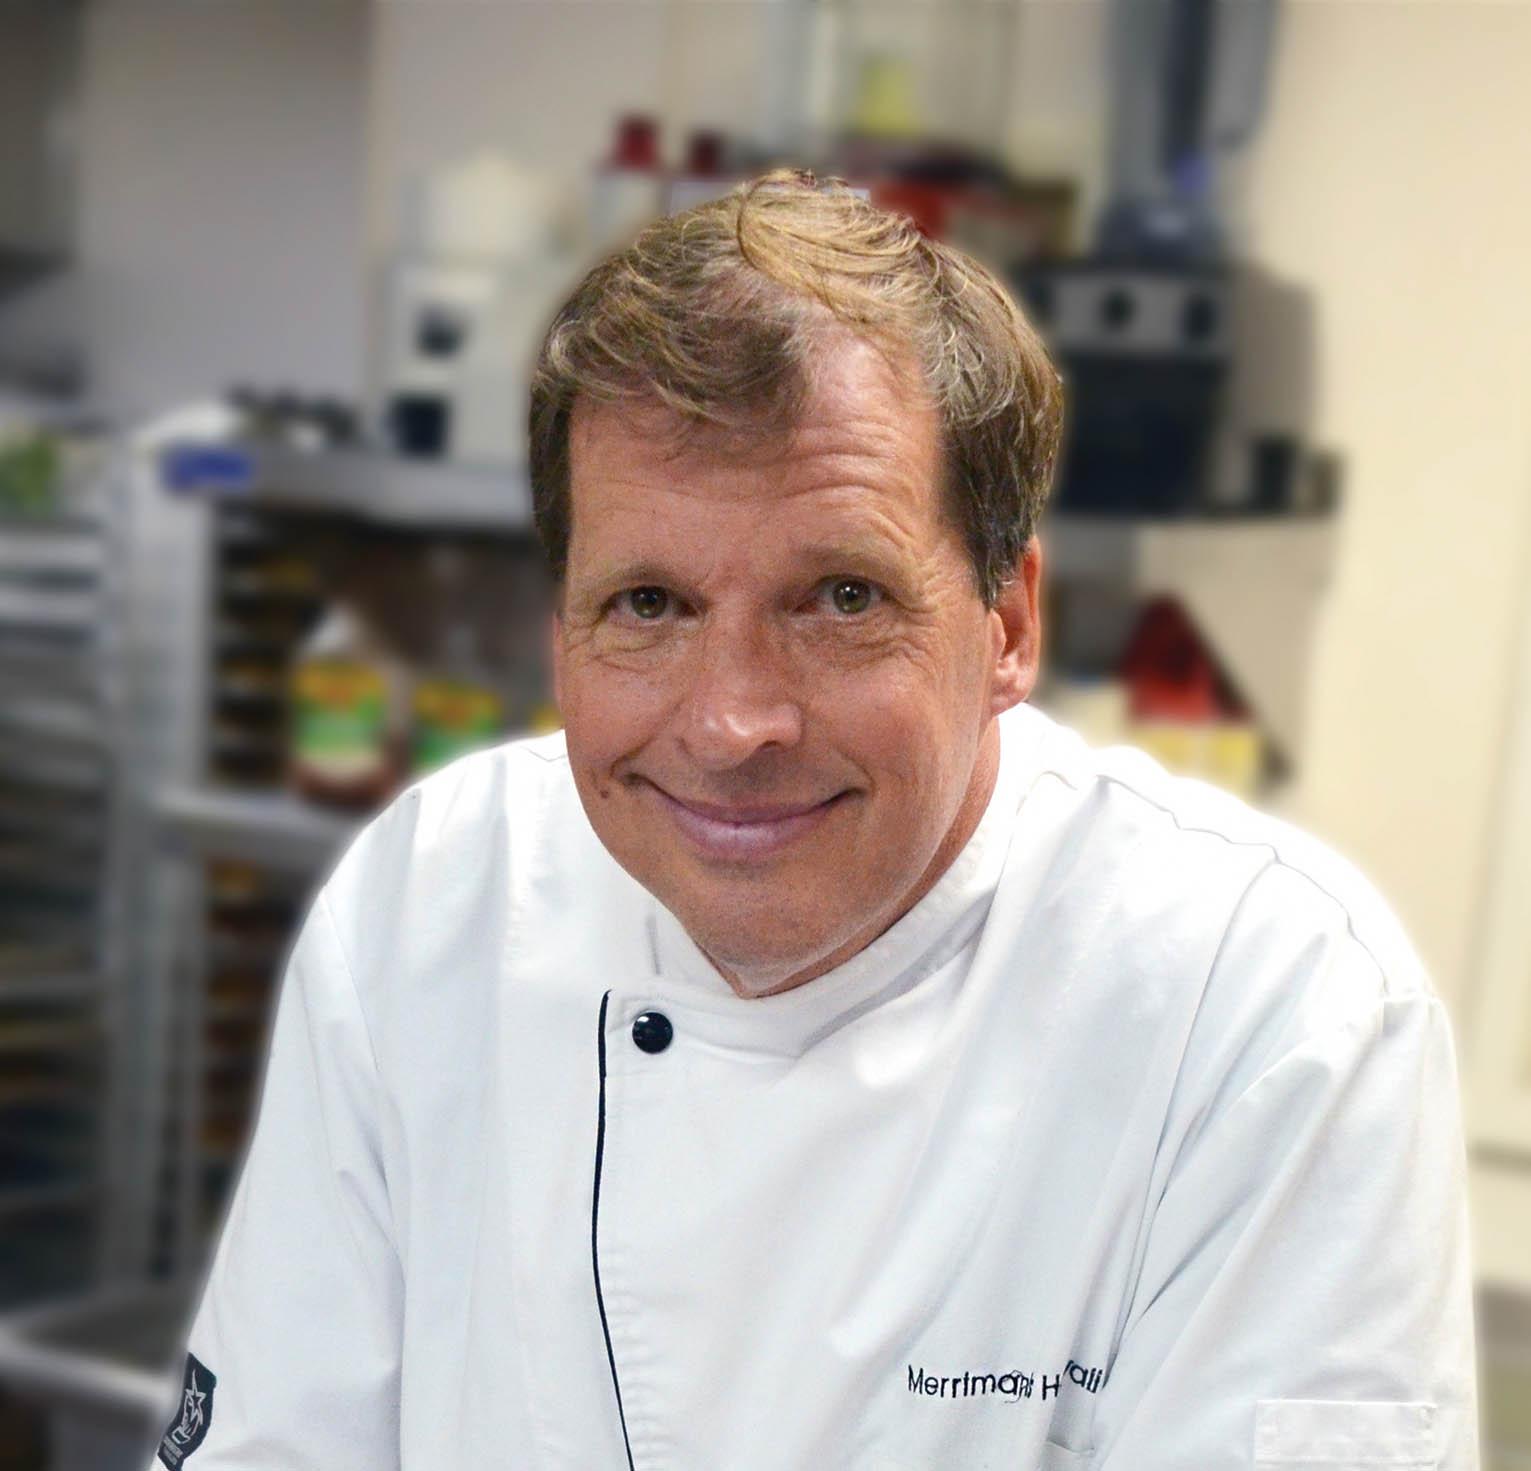 Chef Neil Murphy